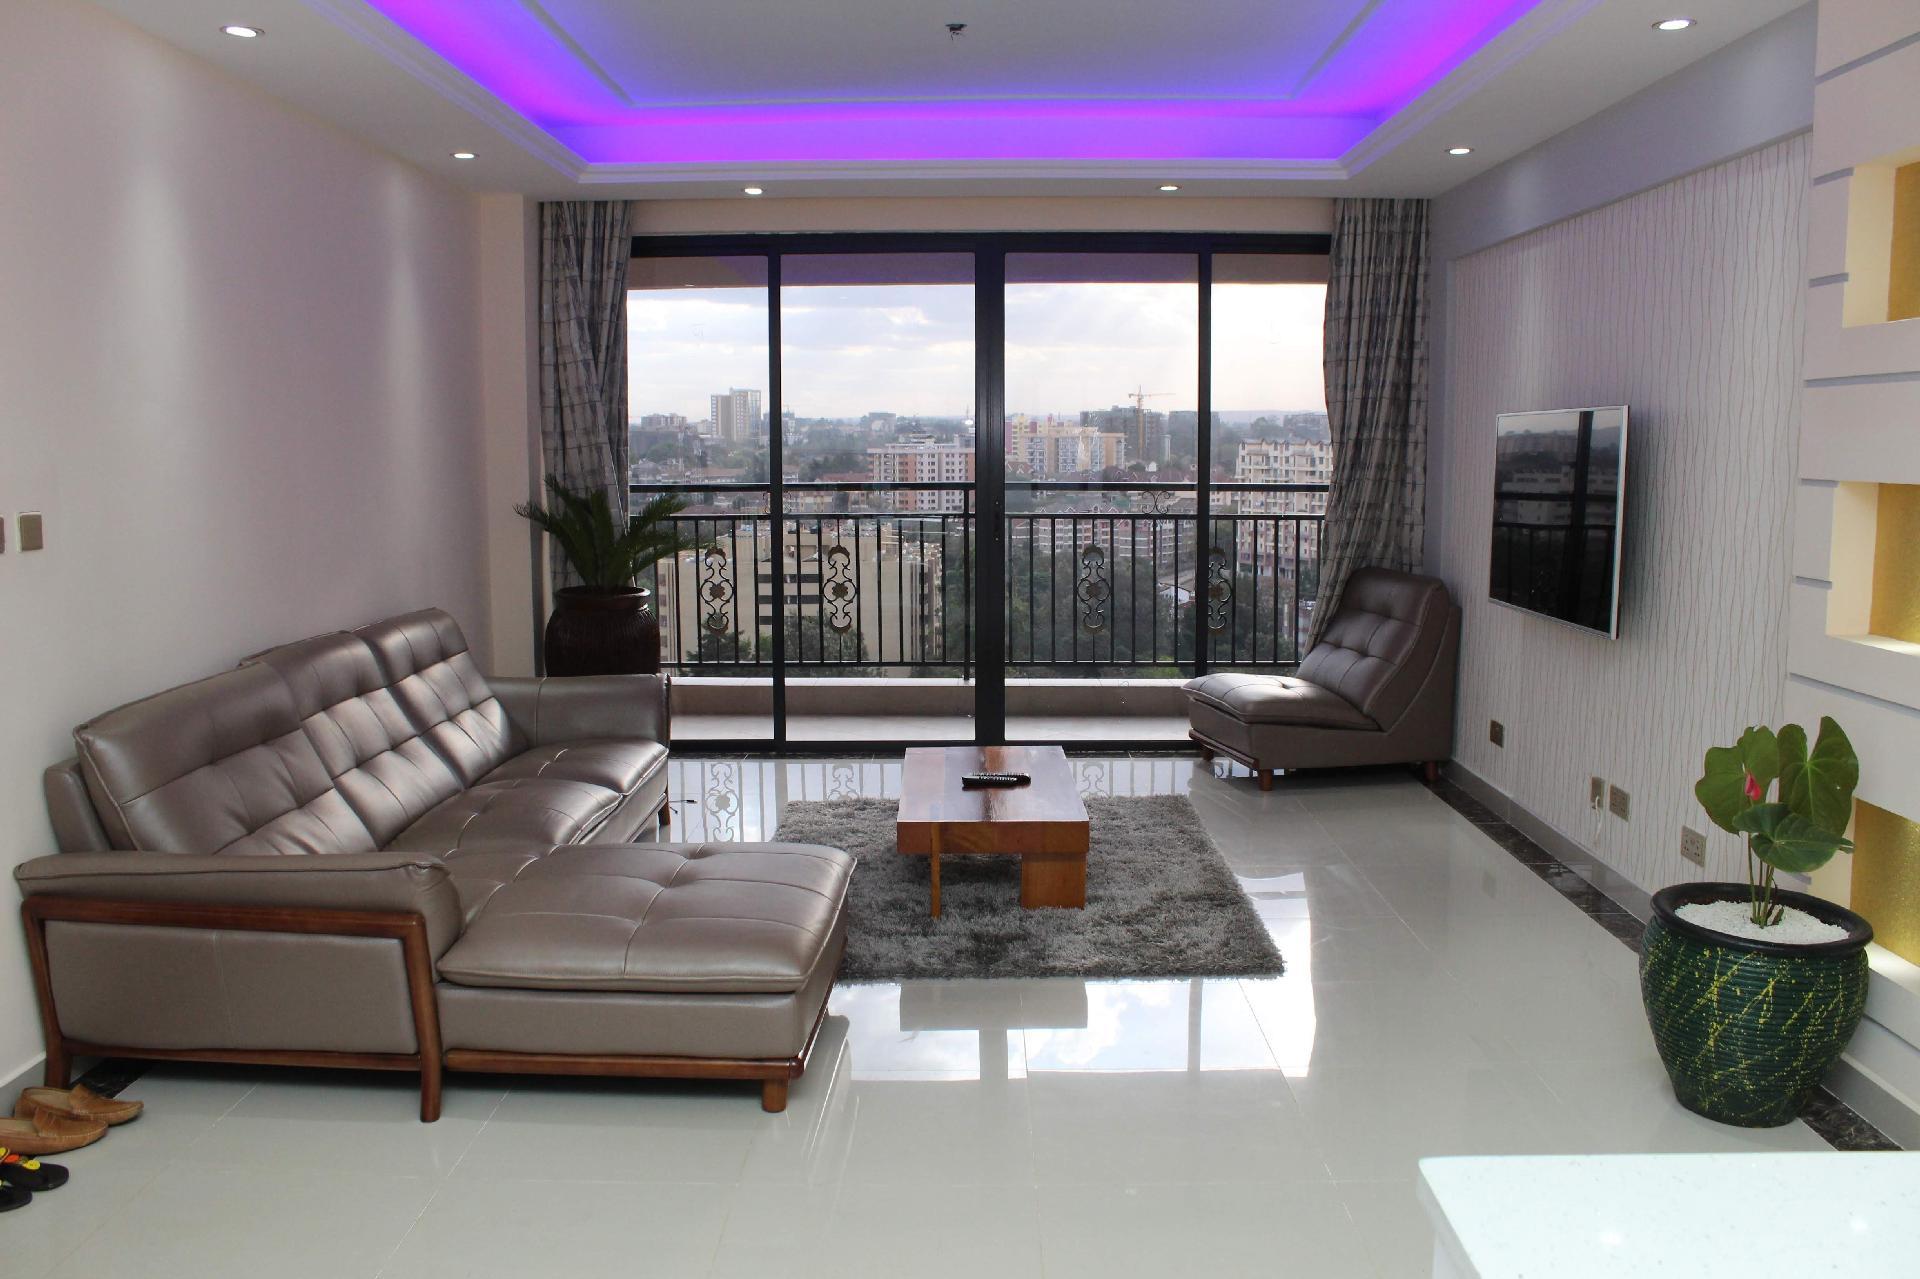 Ferienwohnung für 6 Personen ca. 232 m²   in Afrika